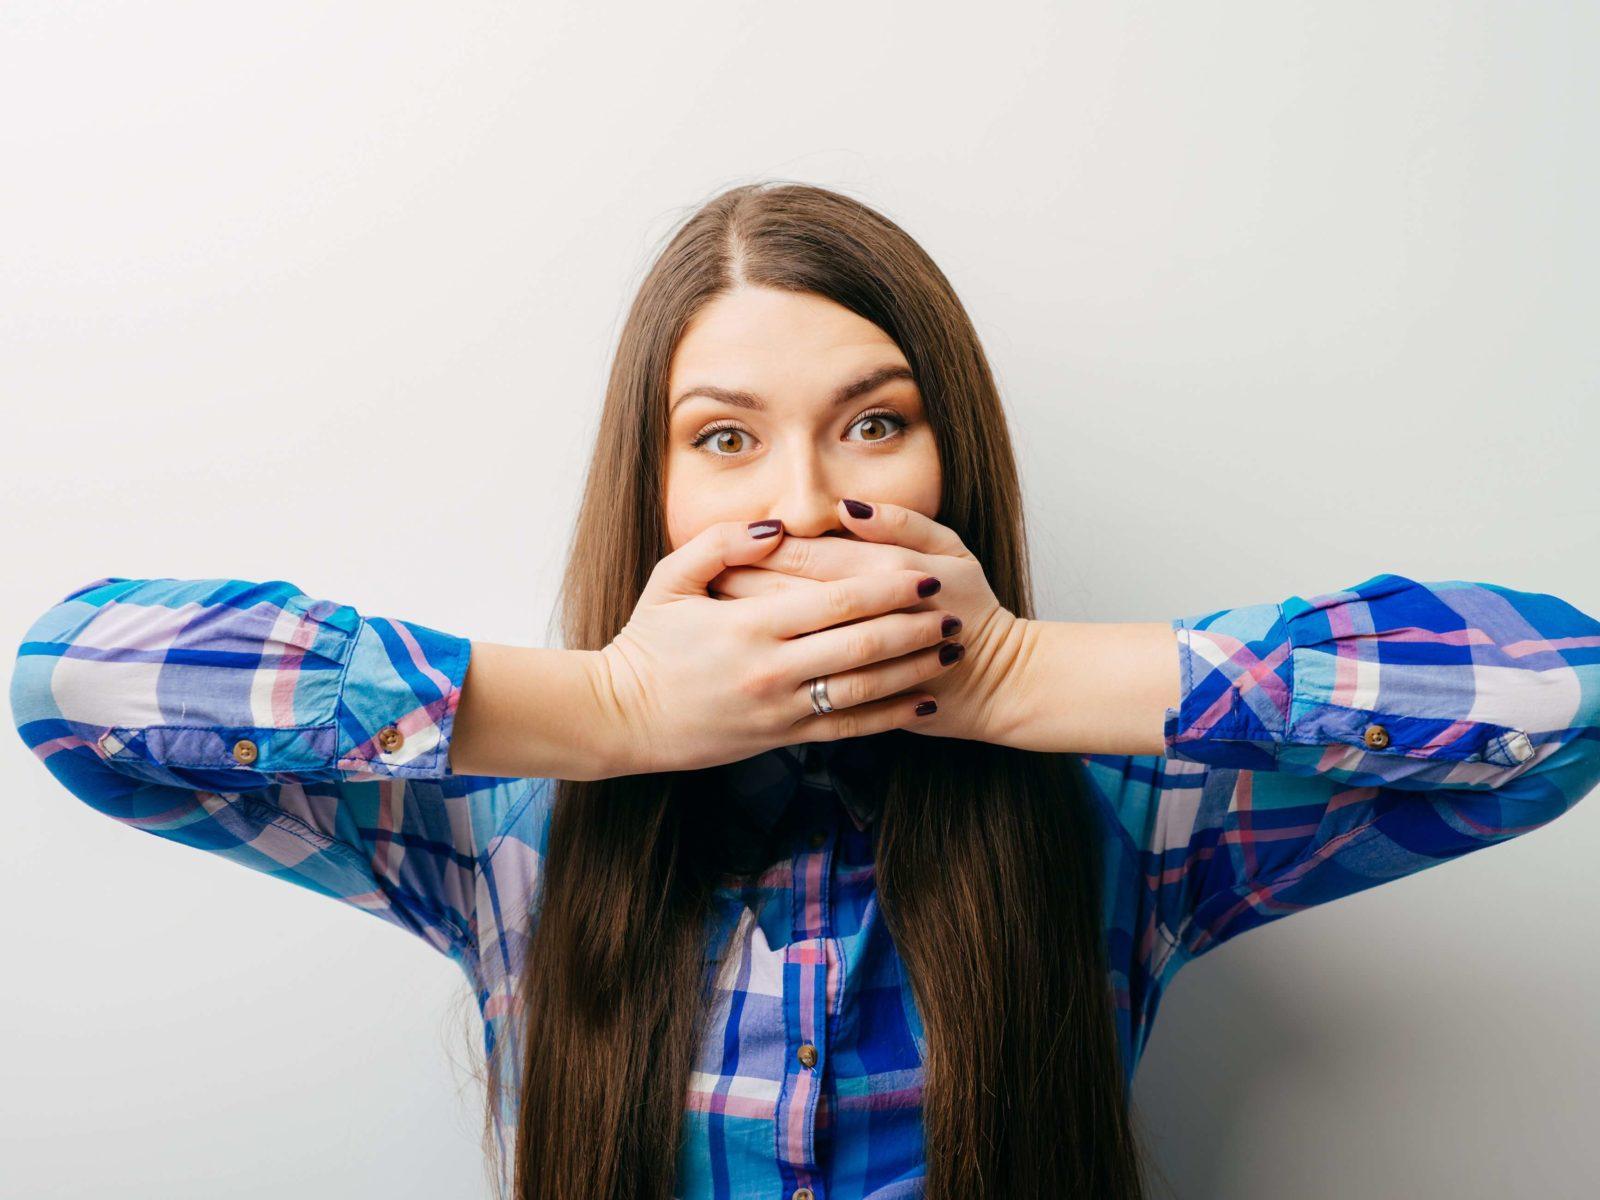 Икалка по времени: о чем расскажет внезапный приступ икоты